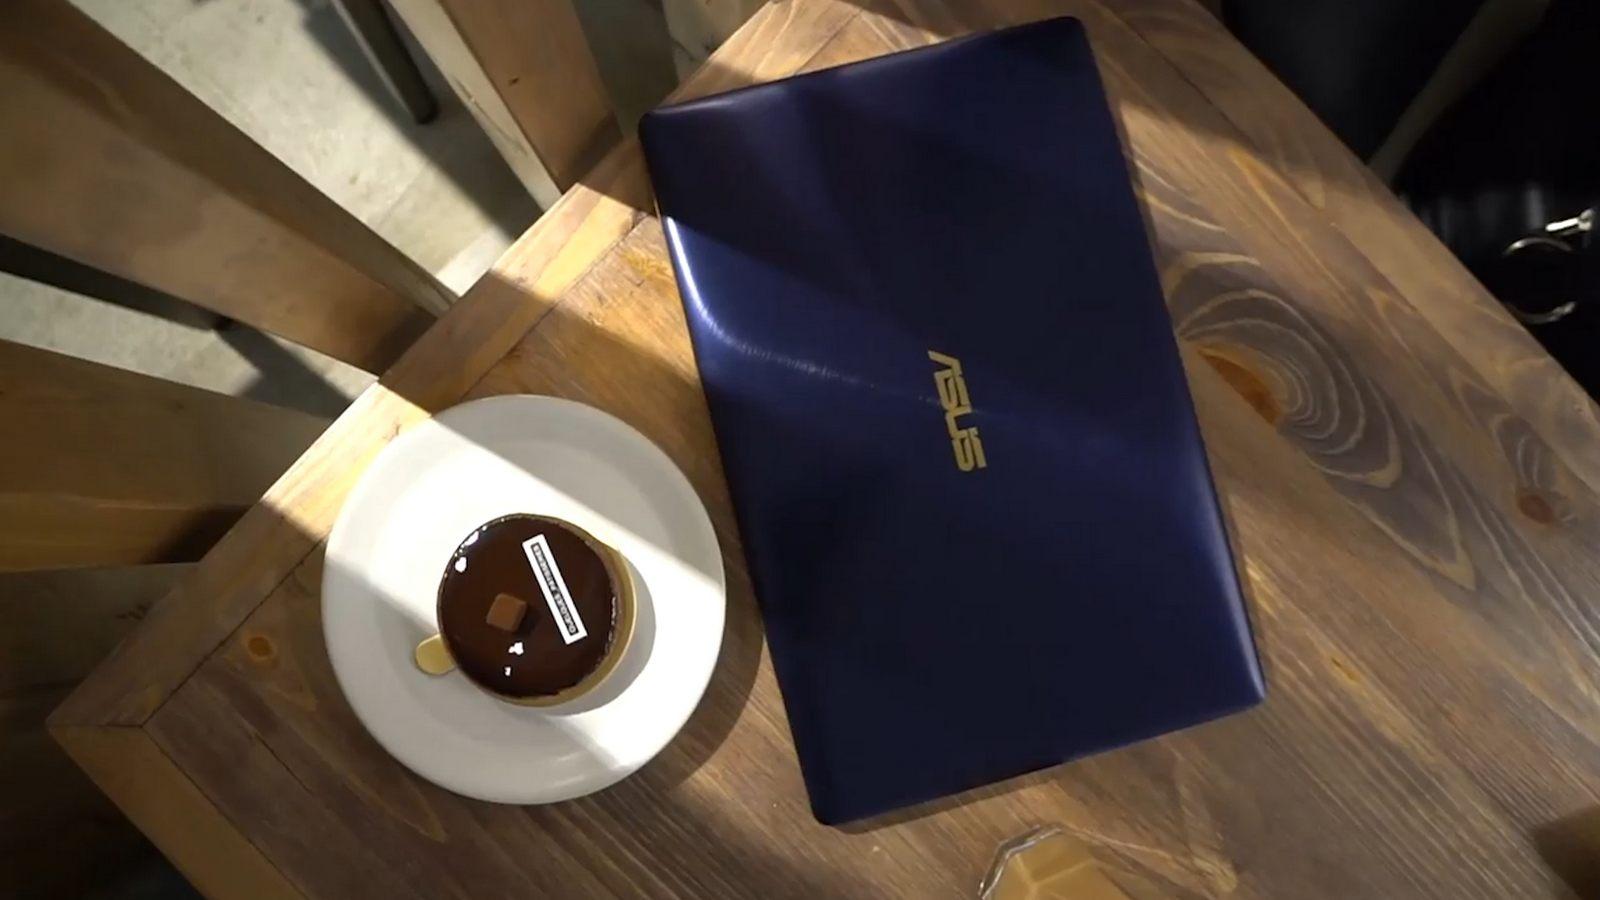 ASUS Zenbook 3 10